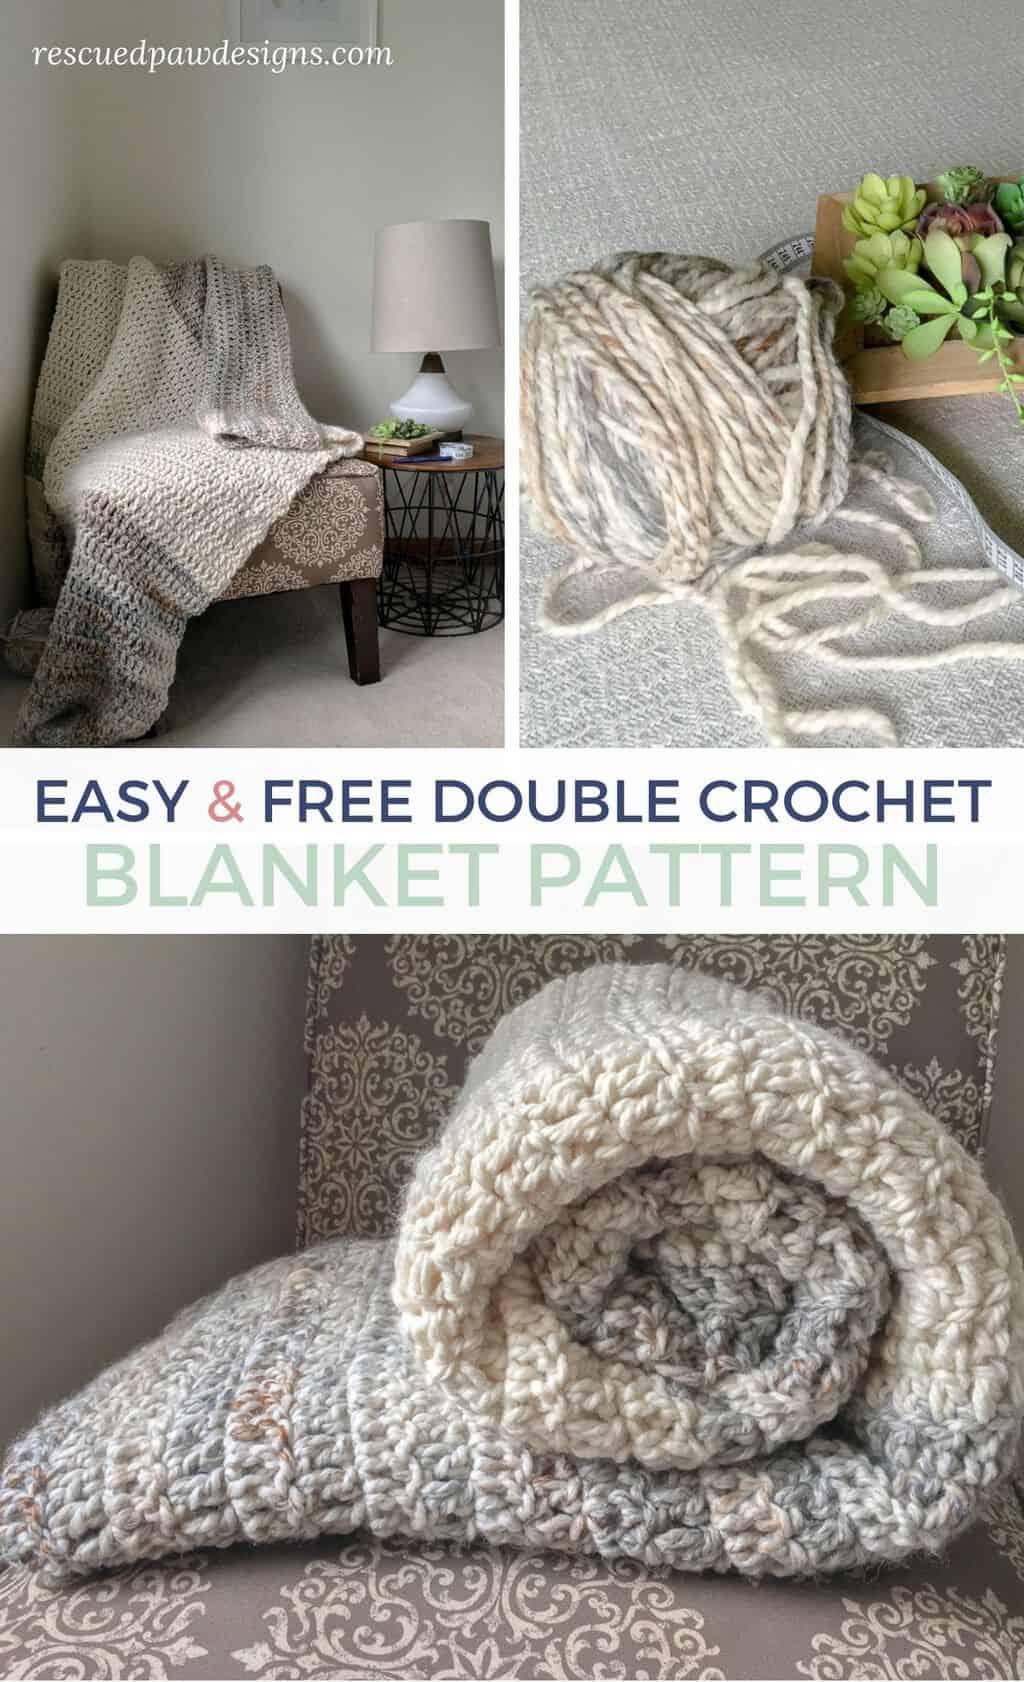 free double crochet blanket pattern